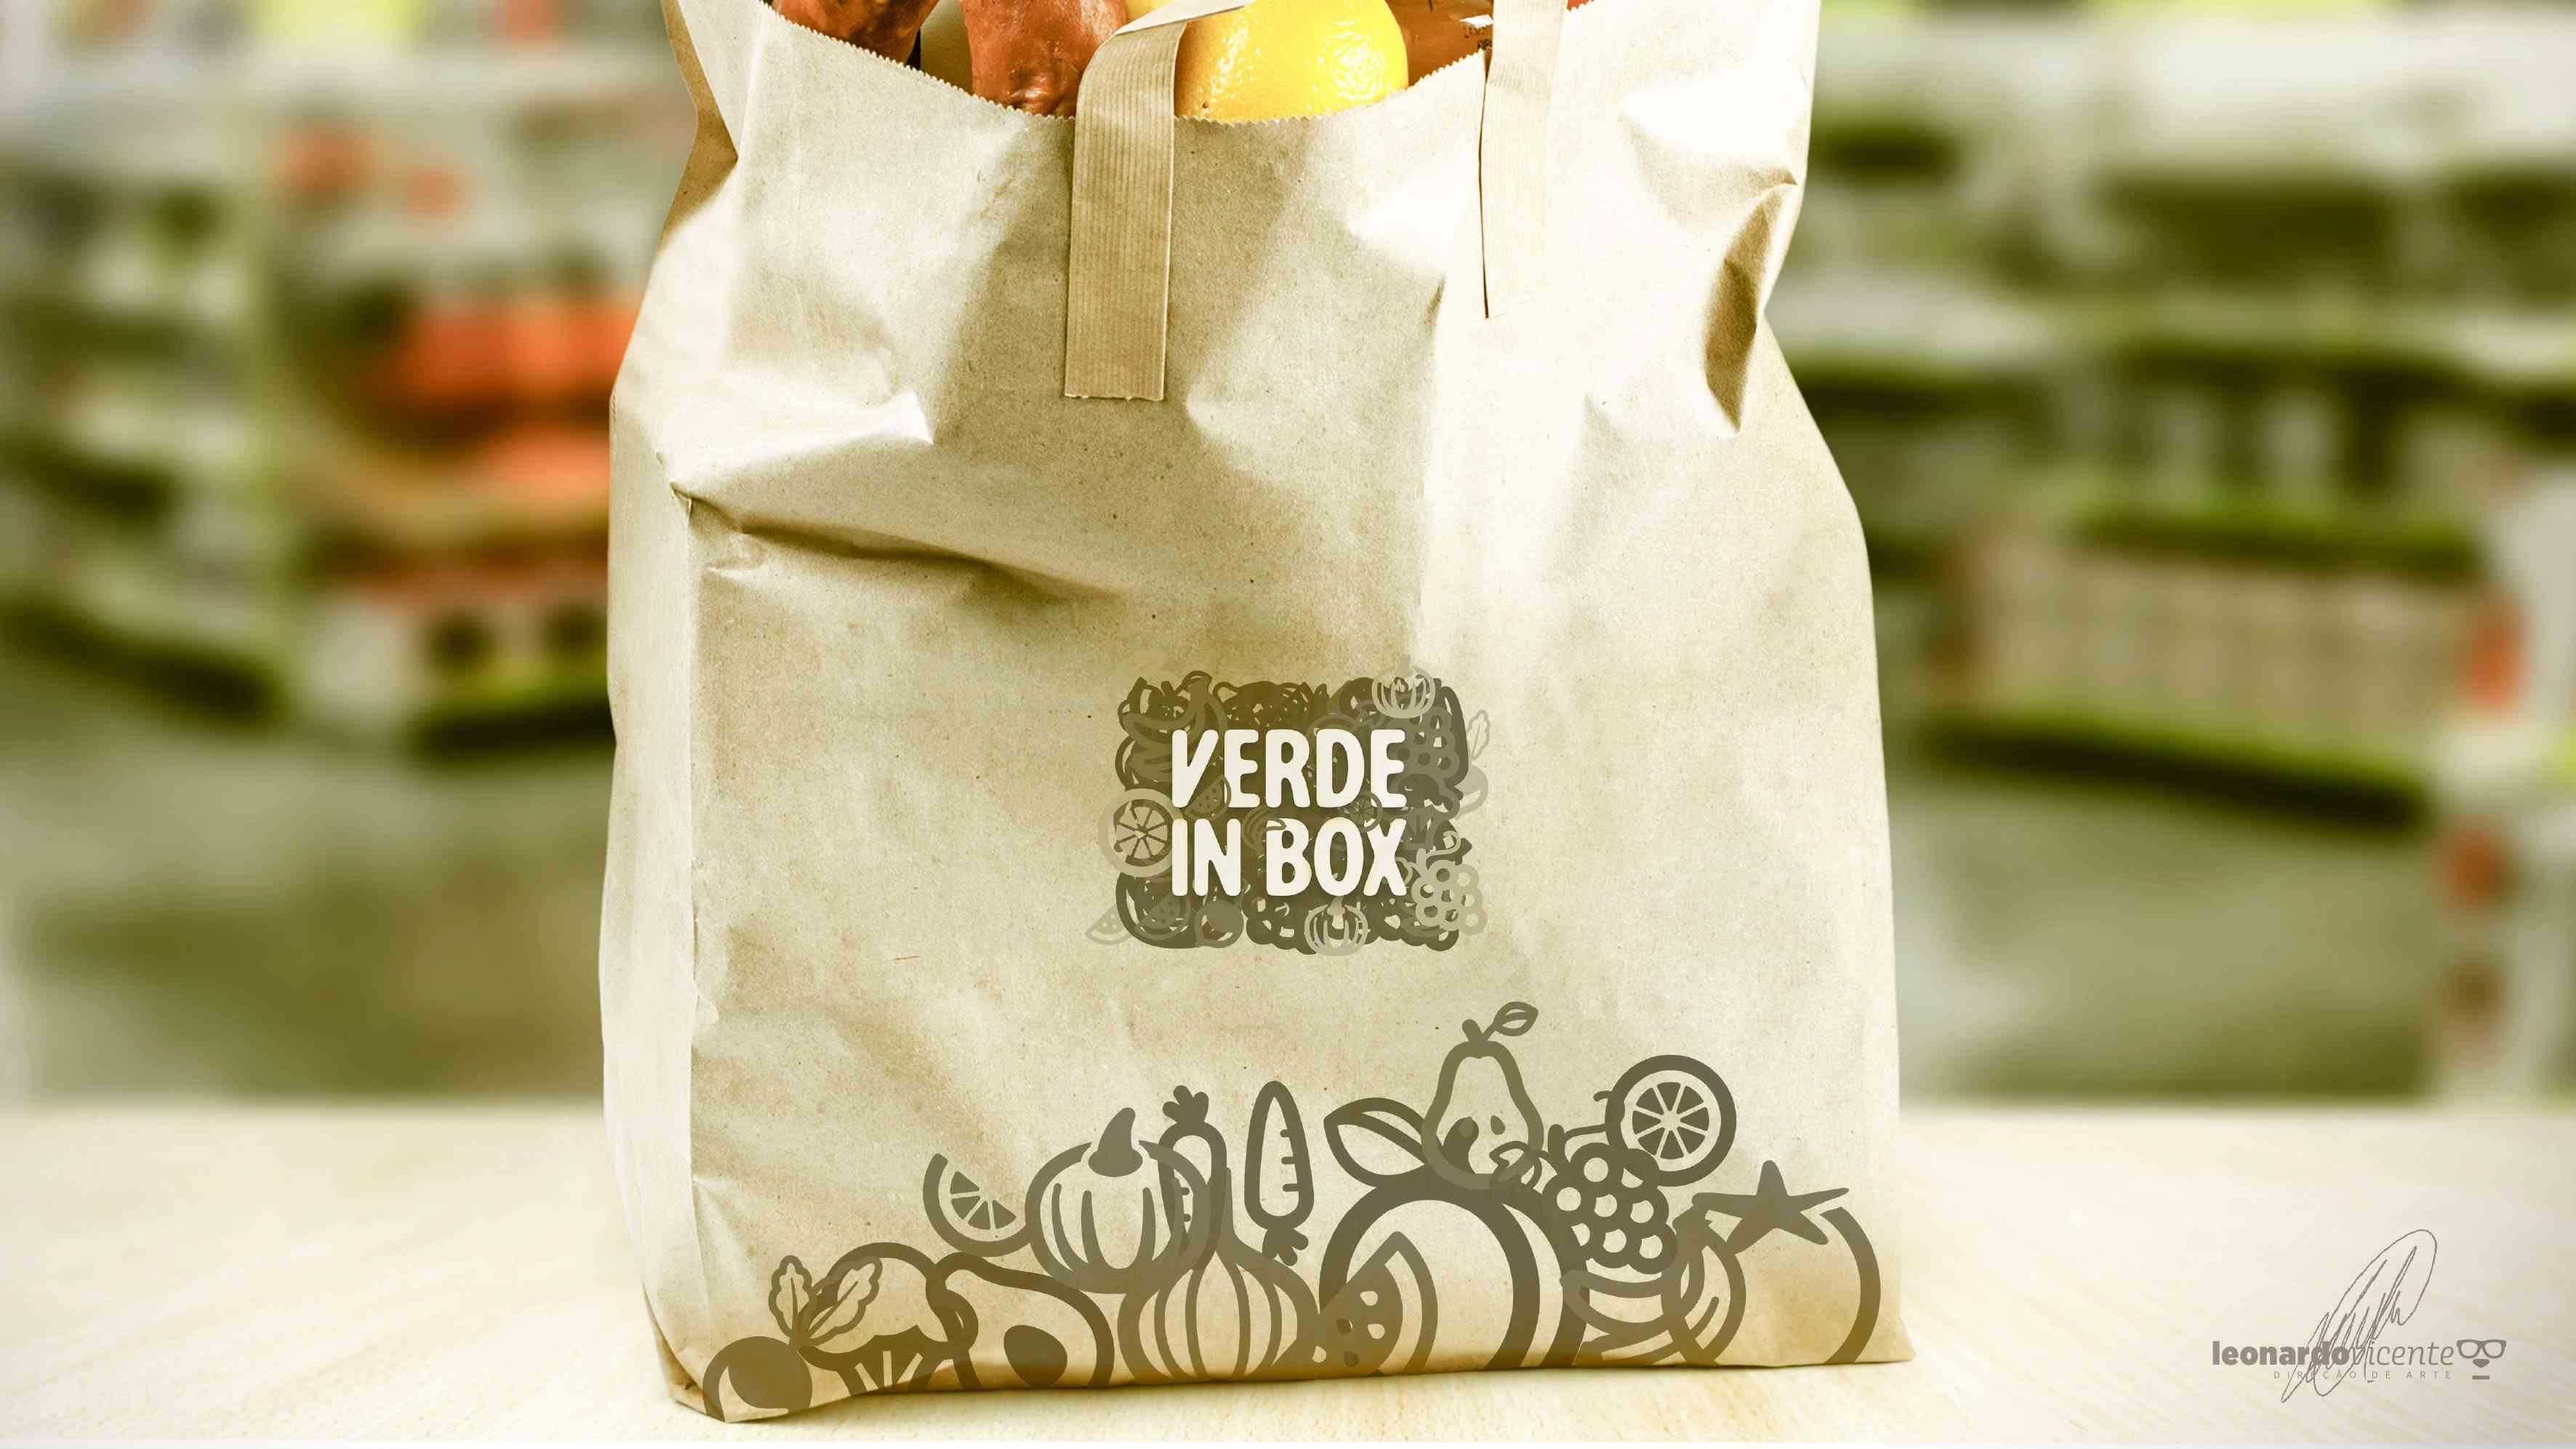 Verde in Box